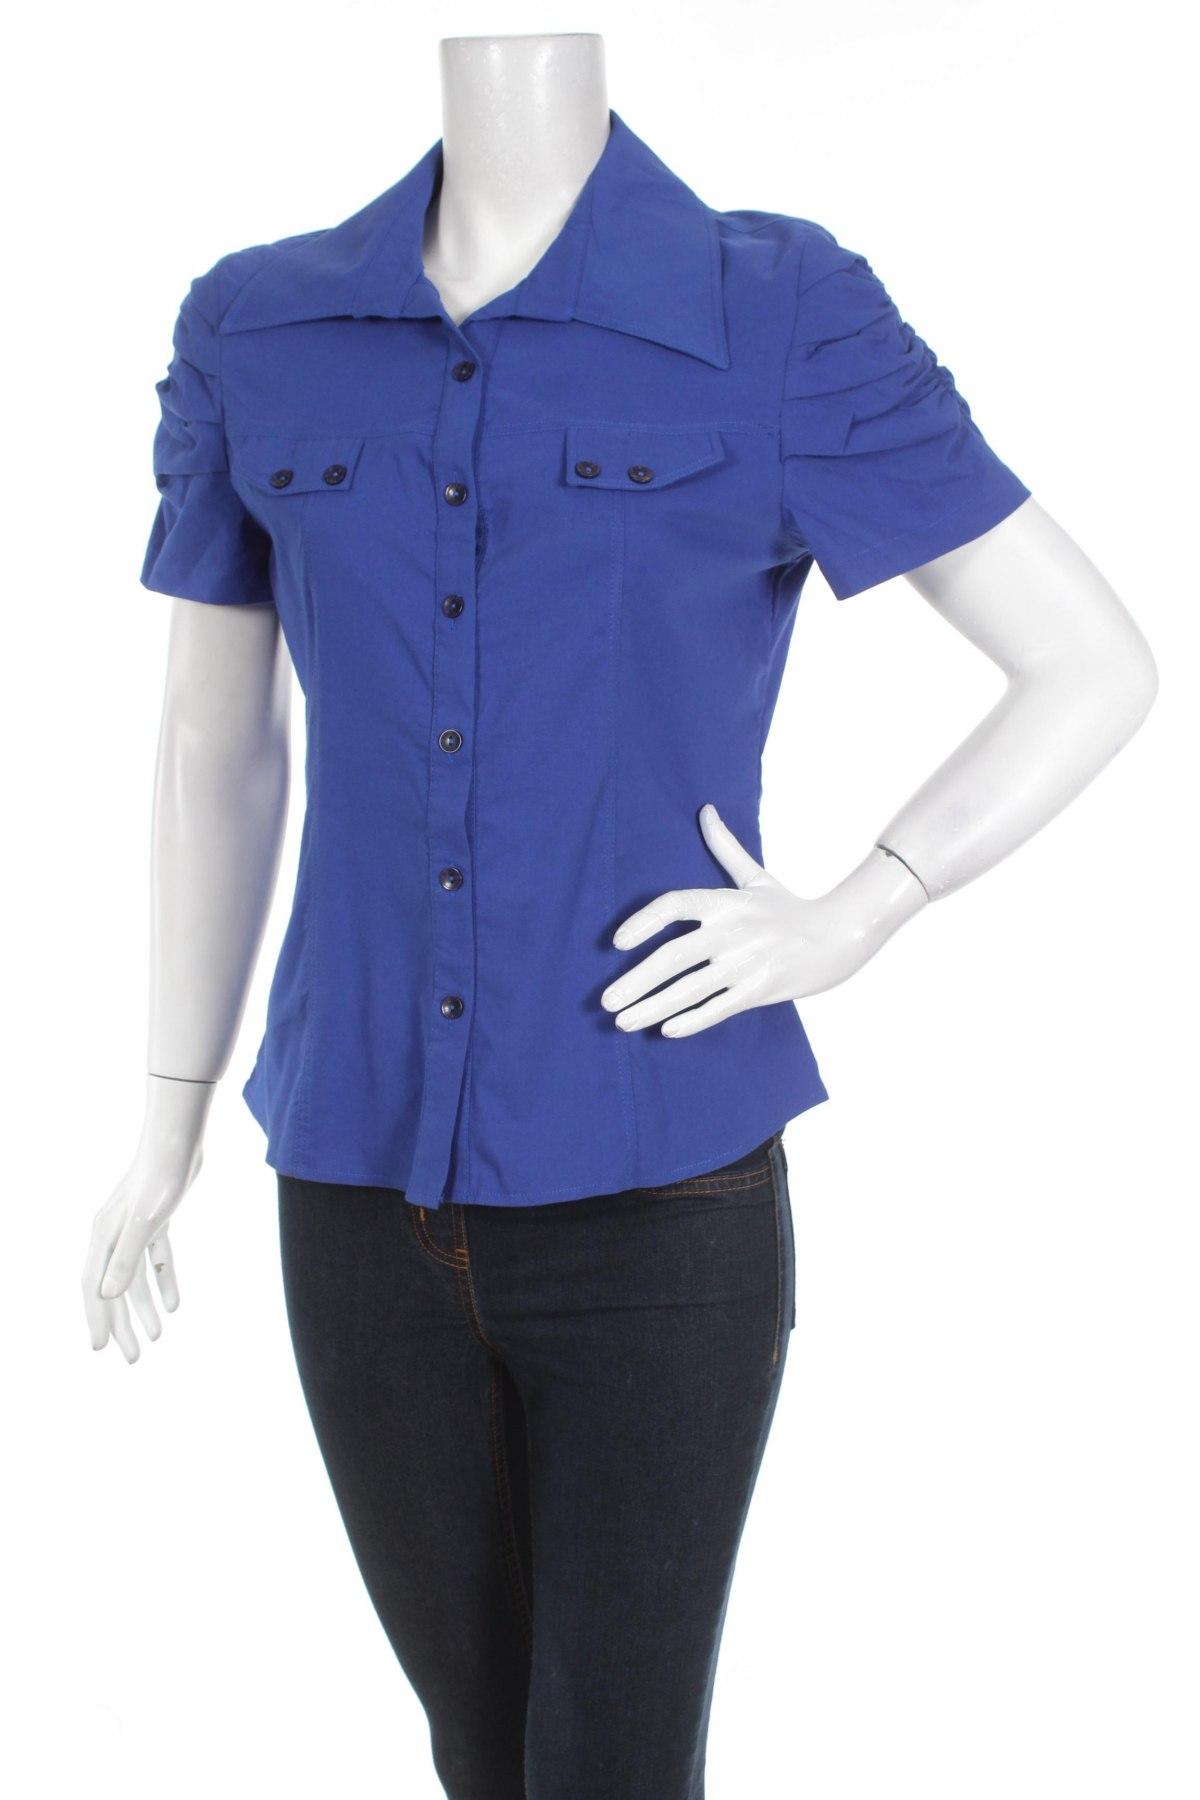 Γυναικείο πουκάμισο Uz - Sa, Μέγεθος L, Χρώμα Μπλέ, 5% ελαστάνη, 55% βαμβάκι, 40% πολυεστέρας, Τιμή 12,89€